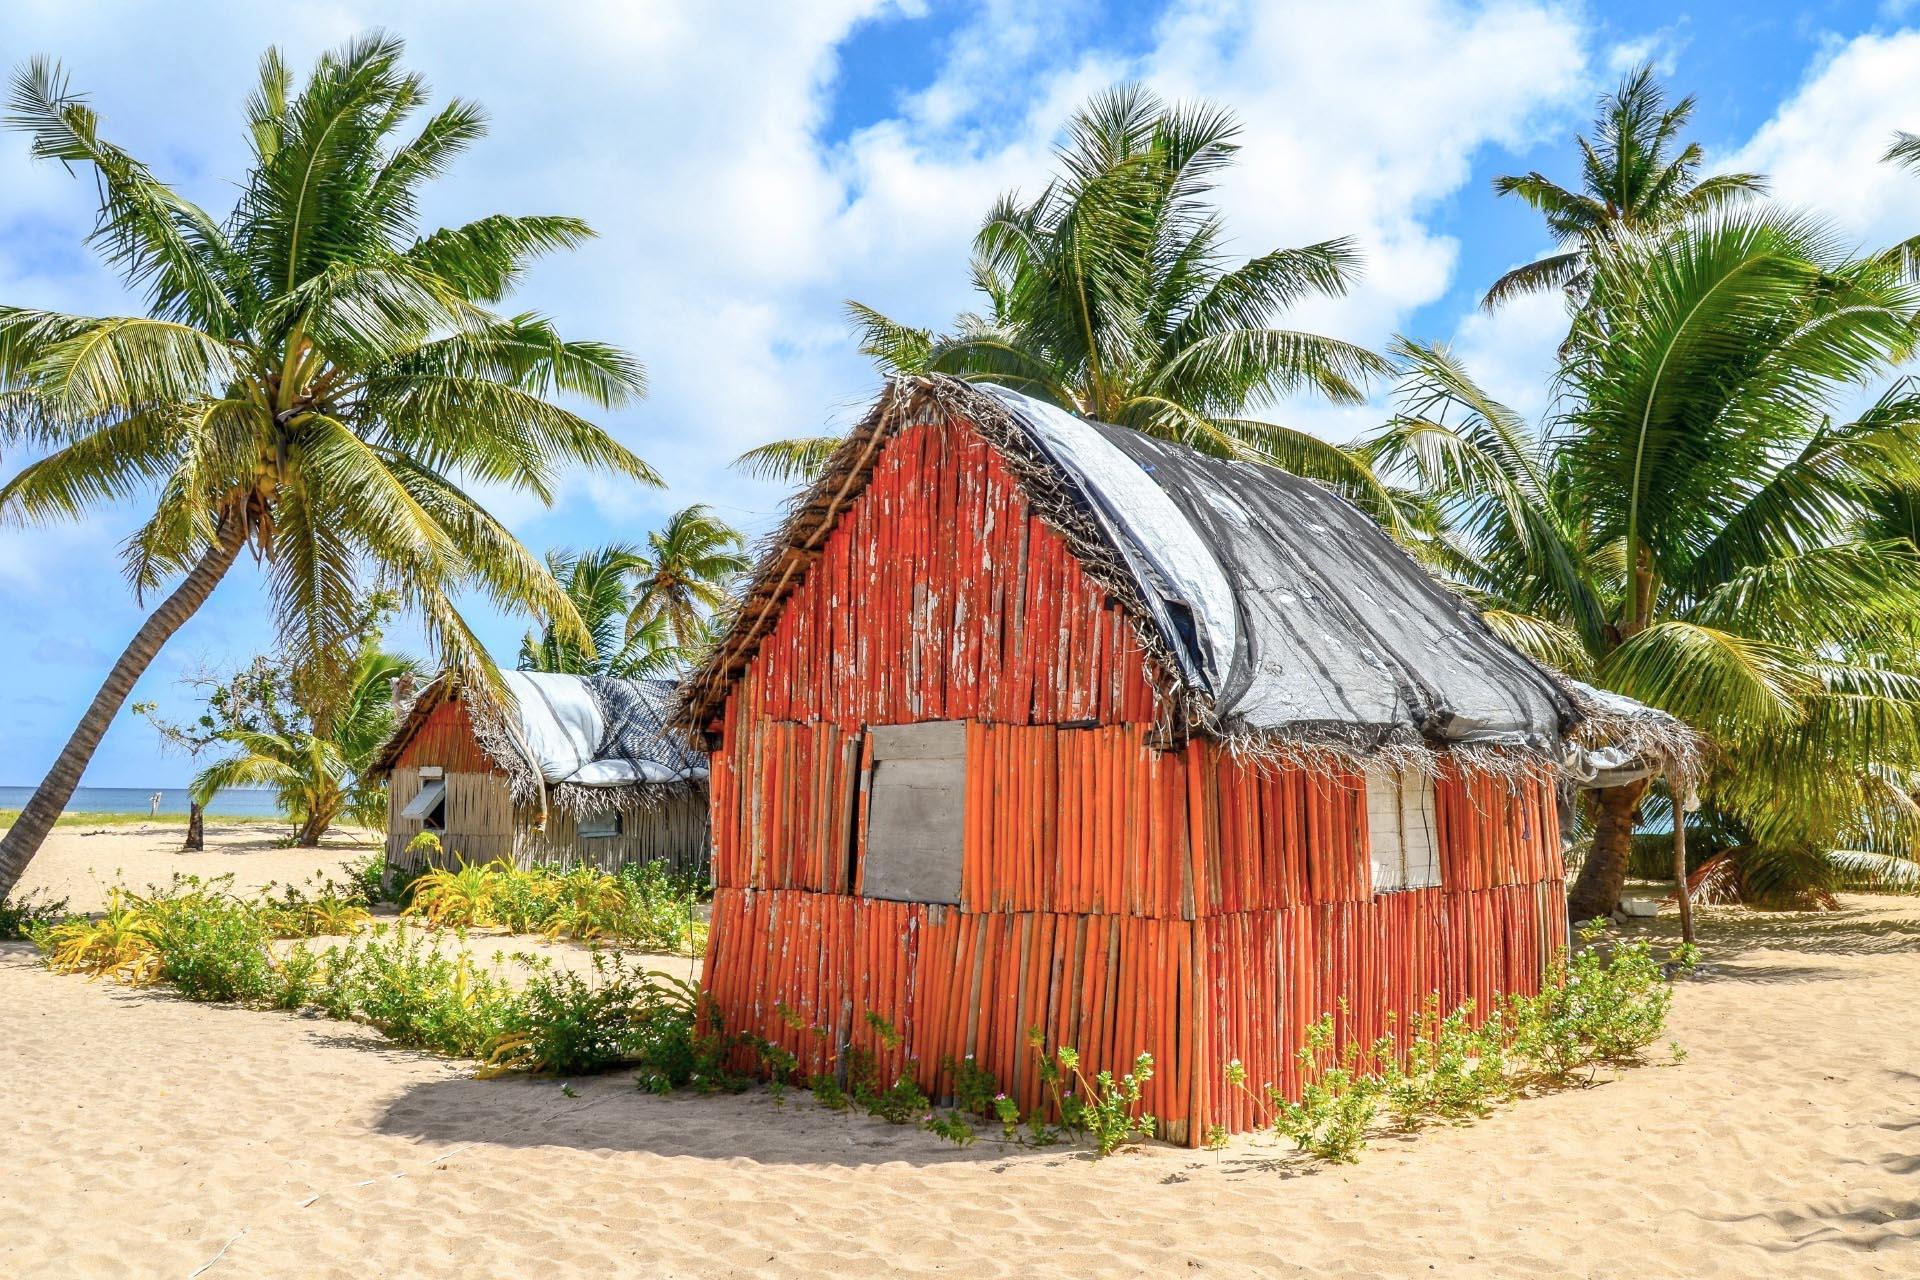 ウオールバ島の風景 トンガの風景